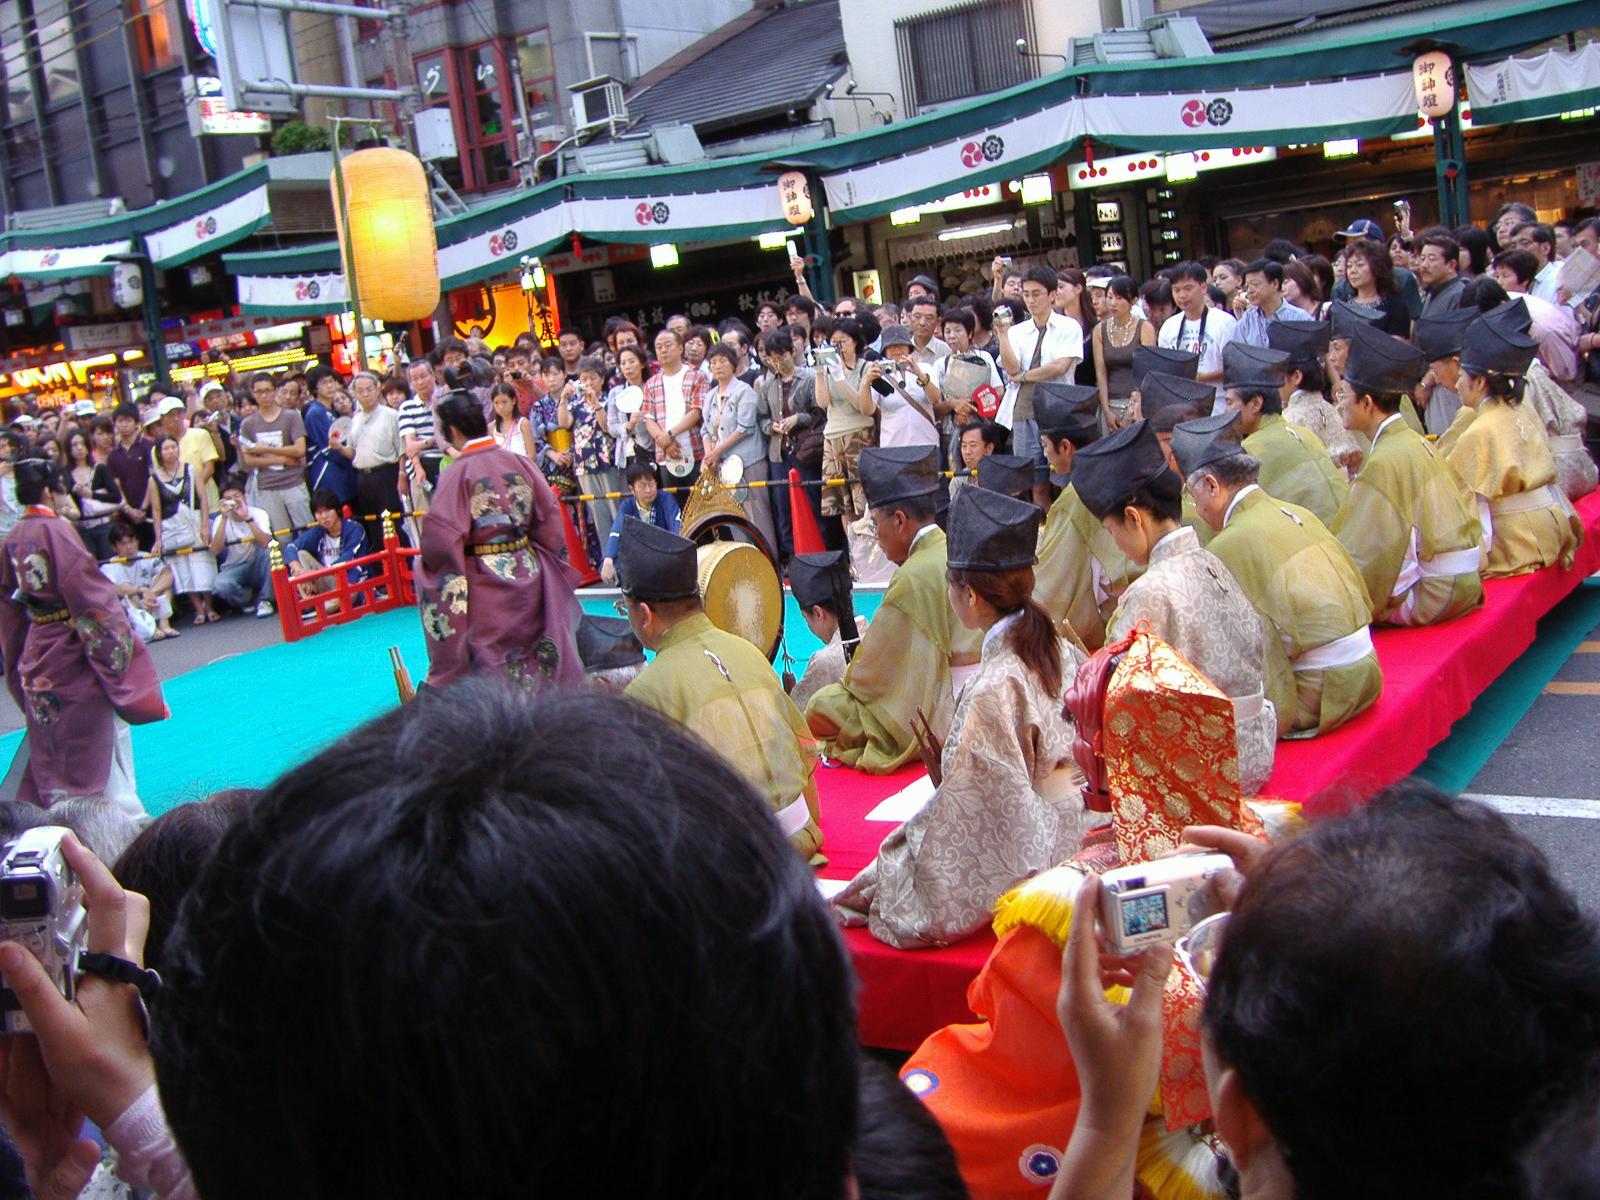 夢境のsato:July 2006 - livedoor Blog(ブログ)